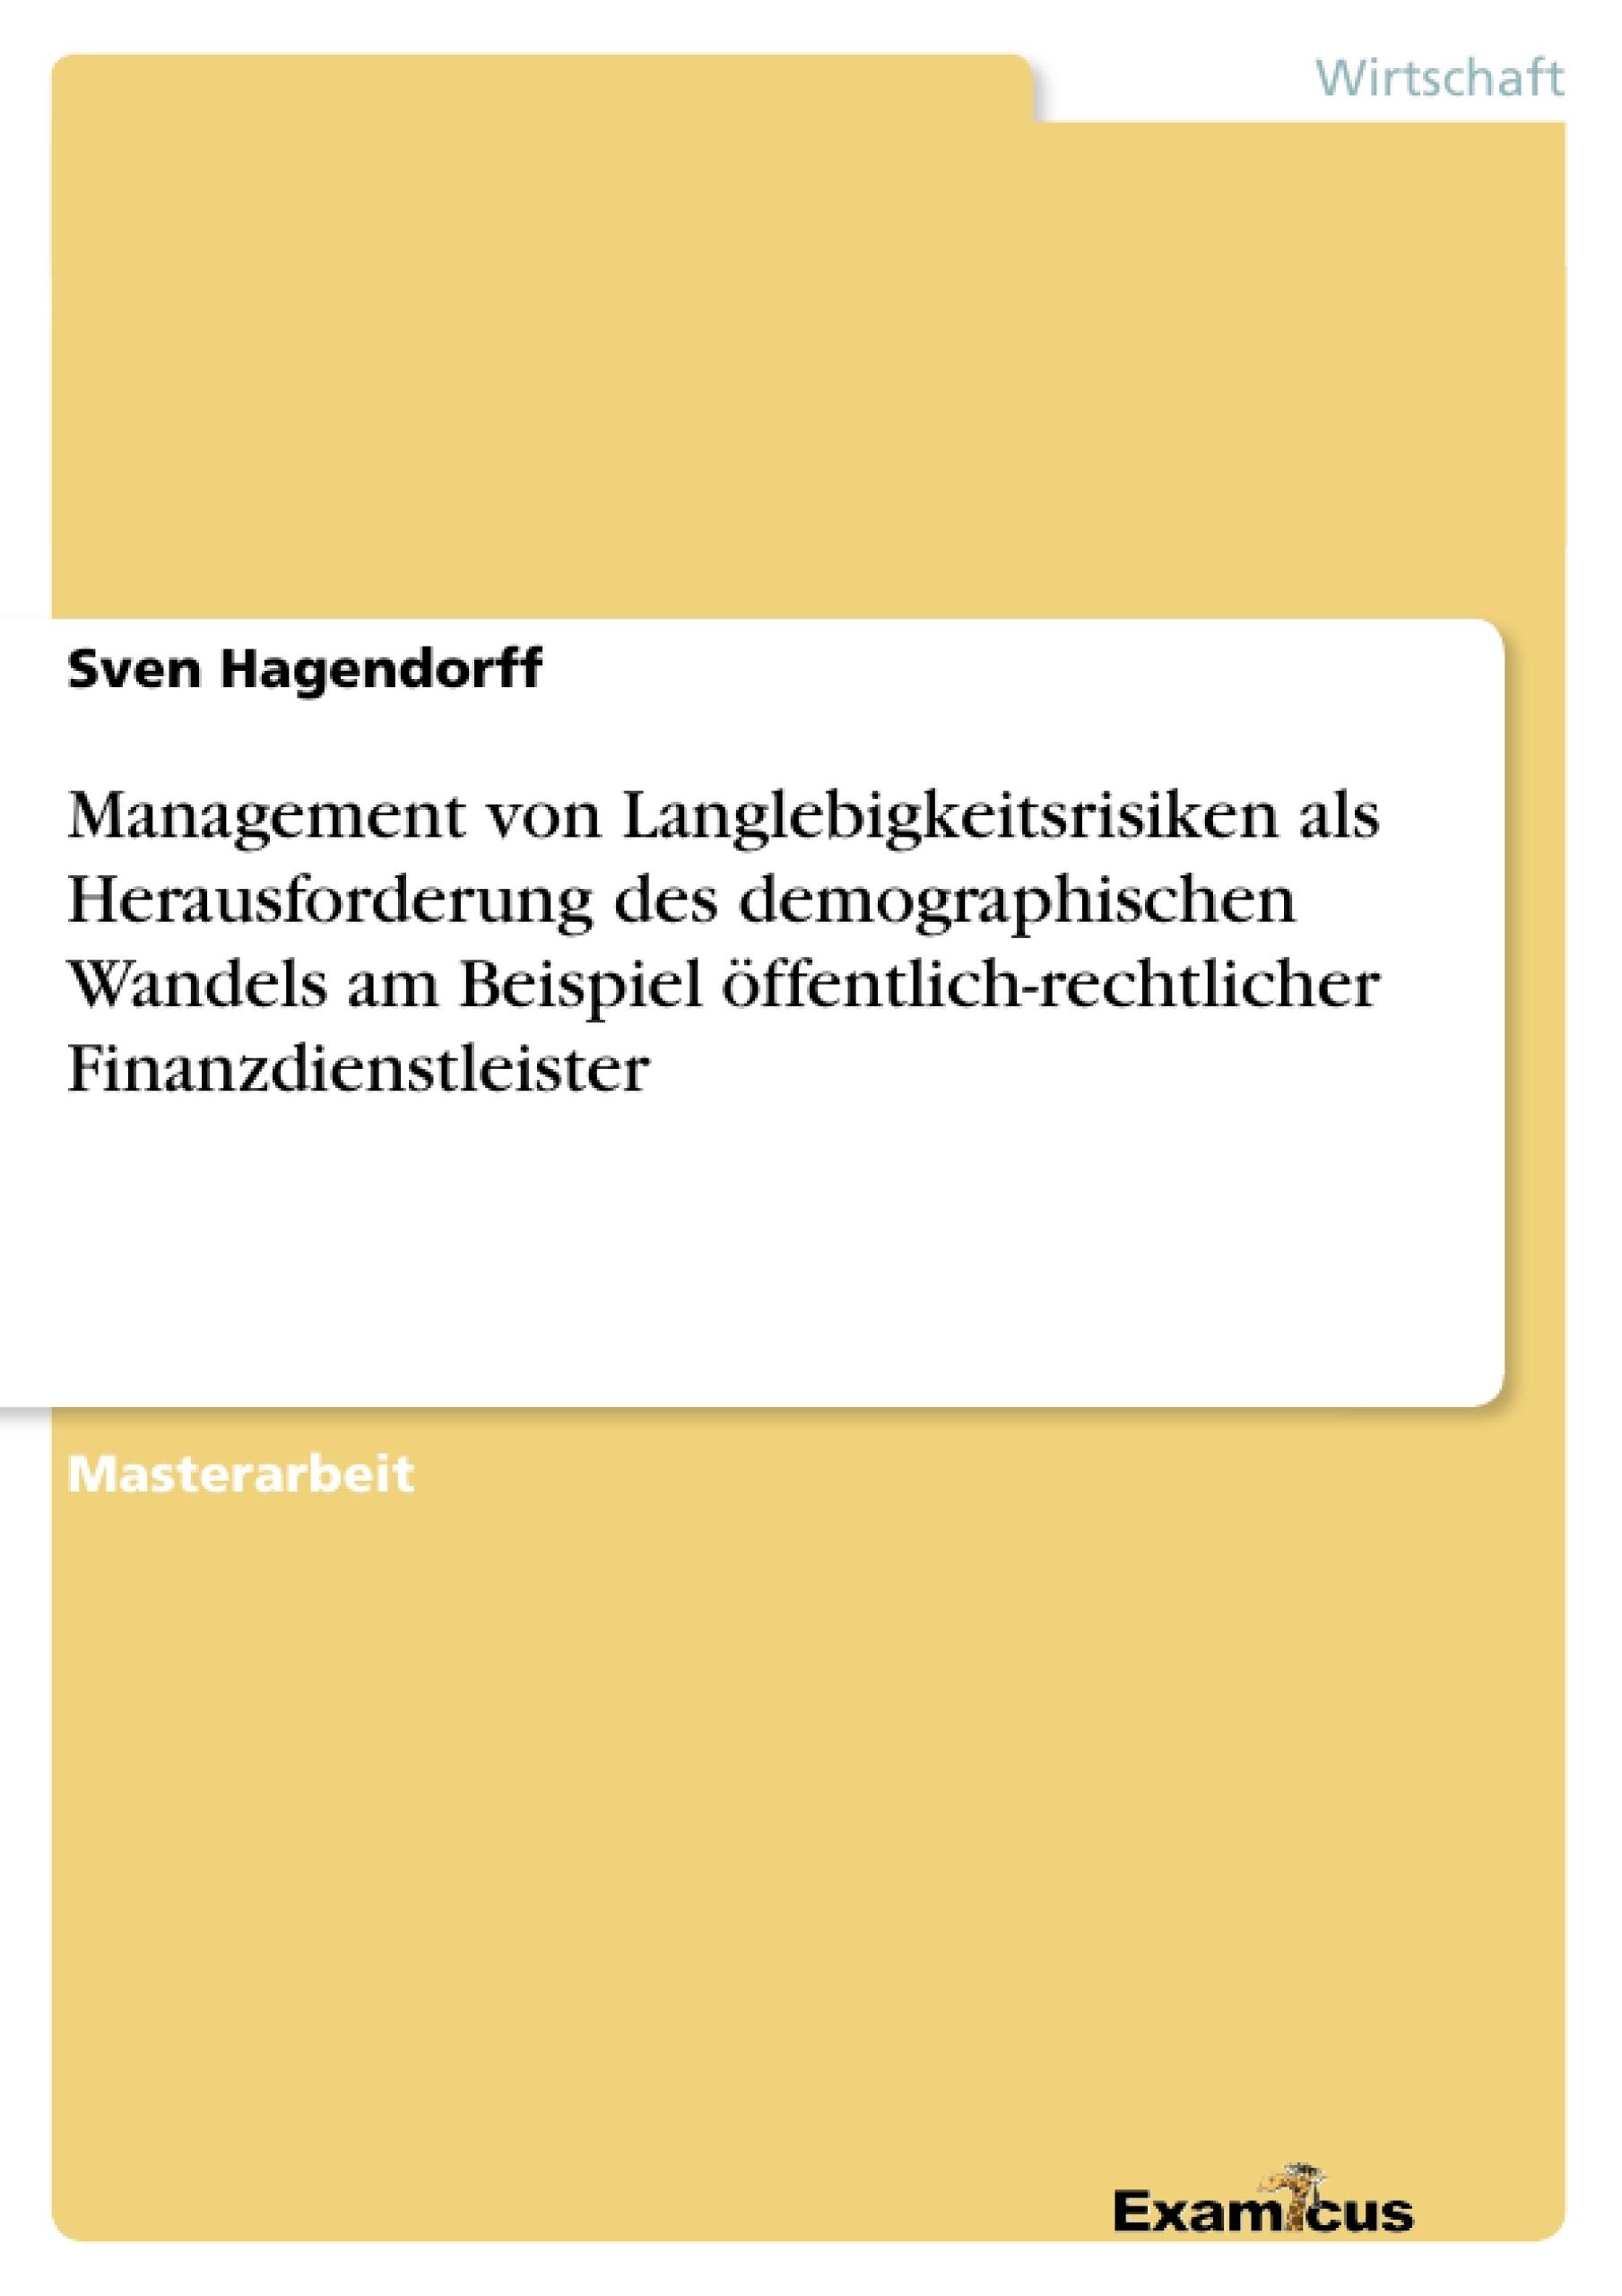 Titel: Management von Langlebigkeitsrisiken als Herausforderung des demographischen Wandels am Beispiel öffentlich-rechtlicher Finanzdienstleister